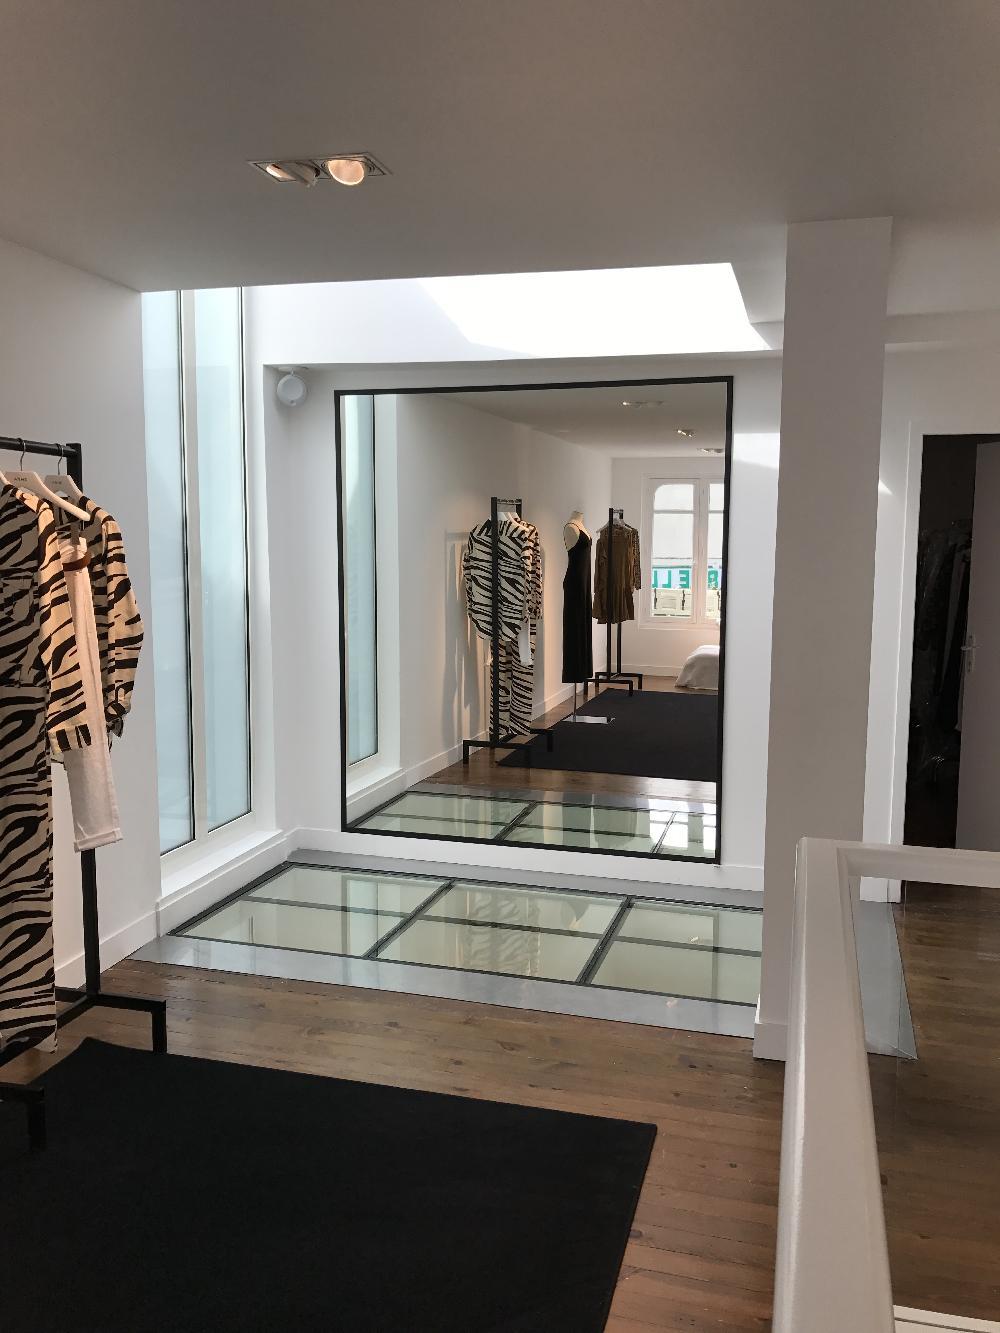 Miroirs et vitrines boutique ANNE - Deauville